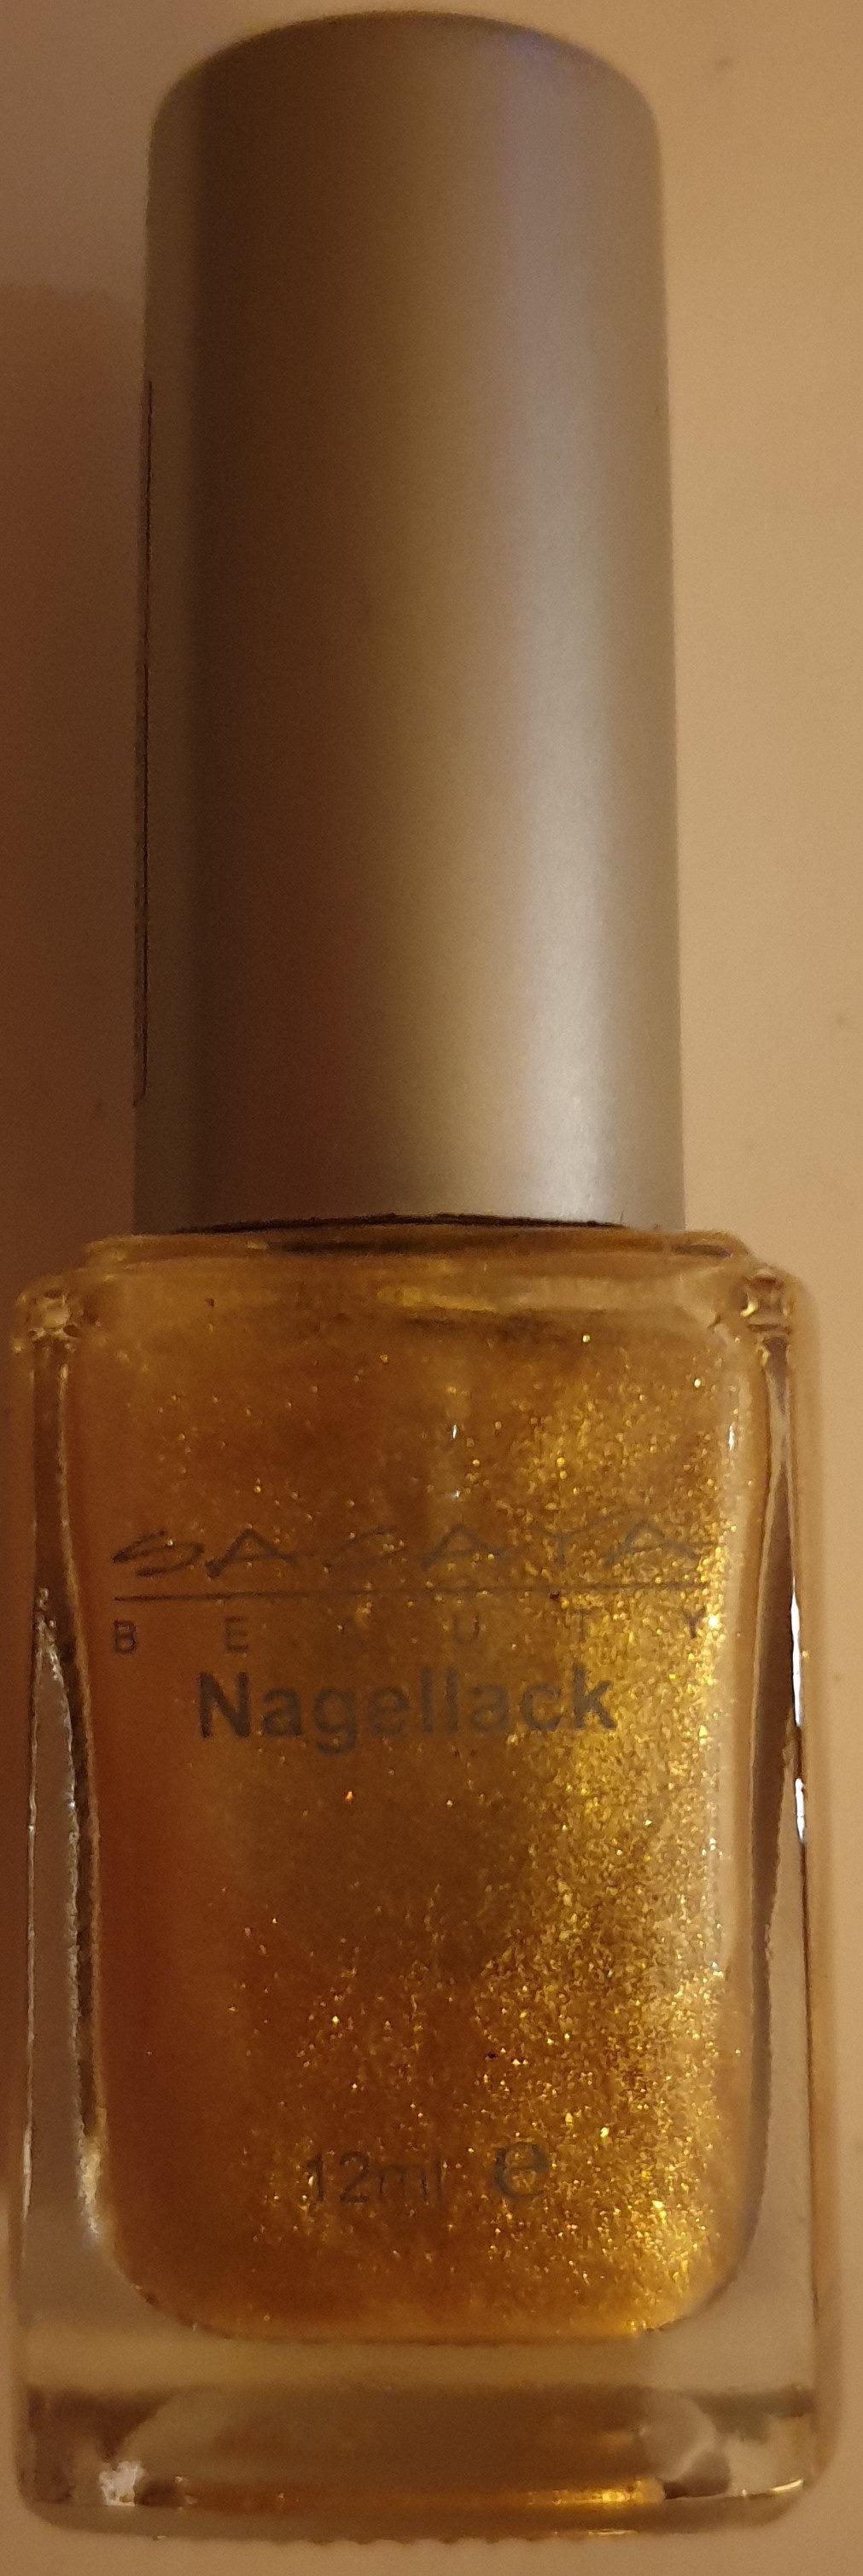 Nagellack - Product - de